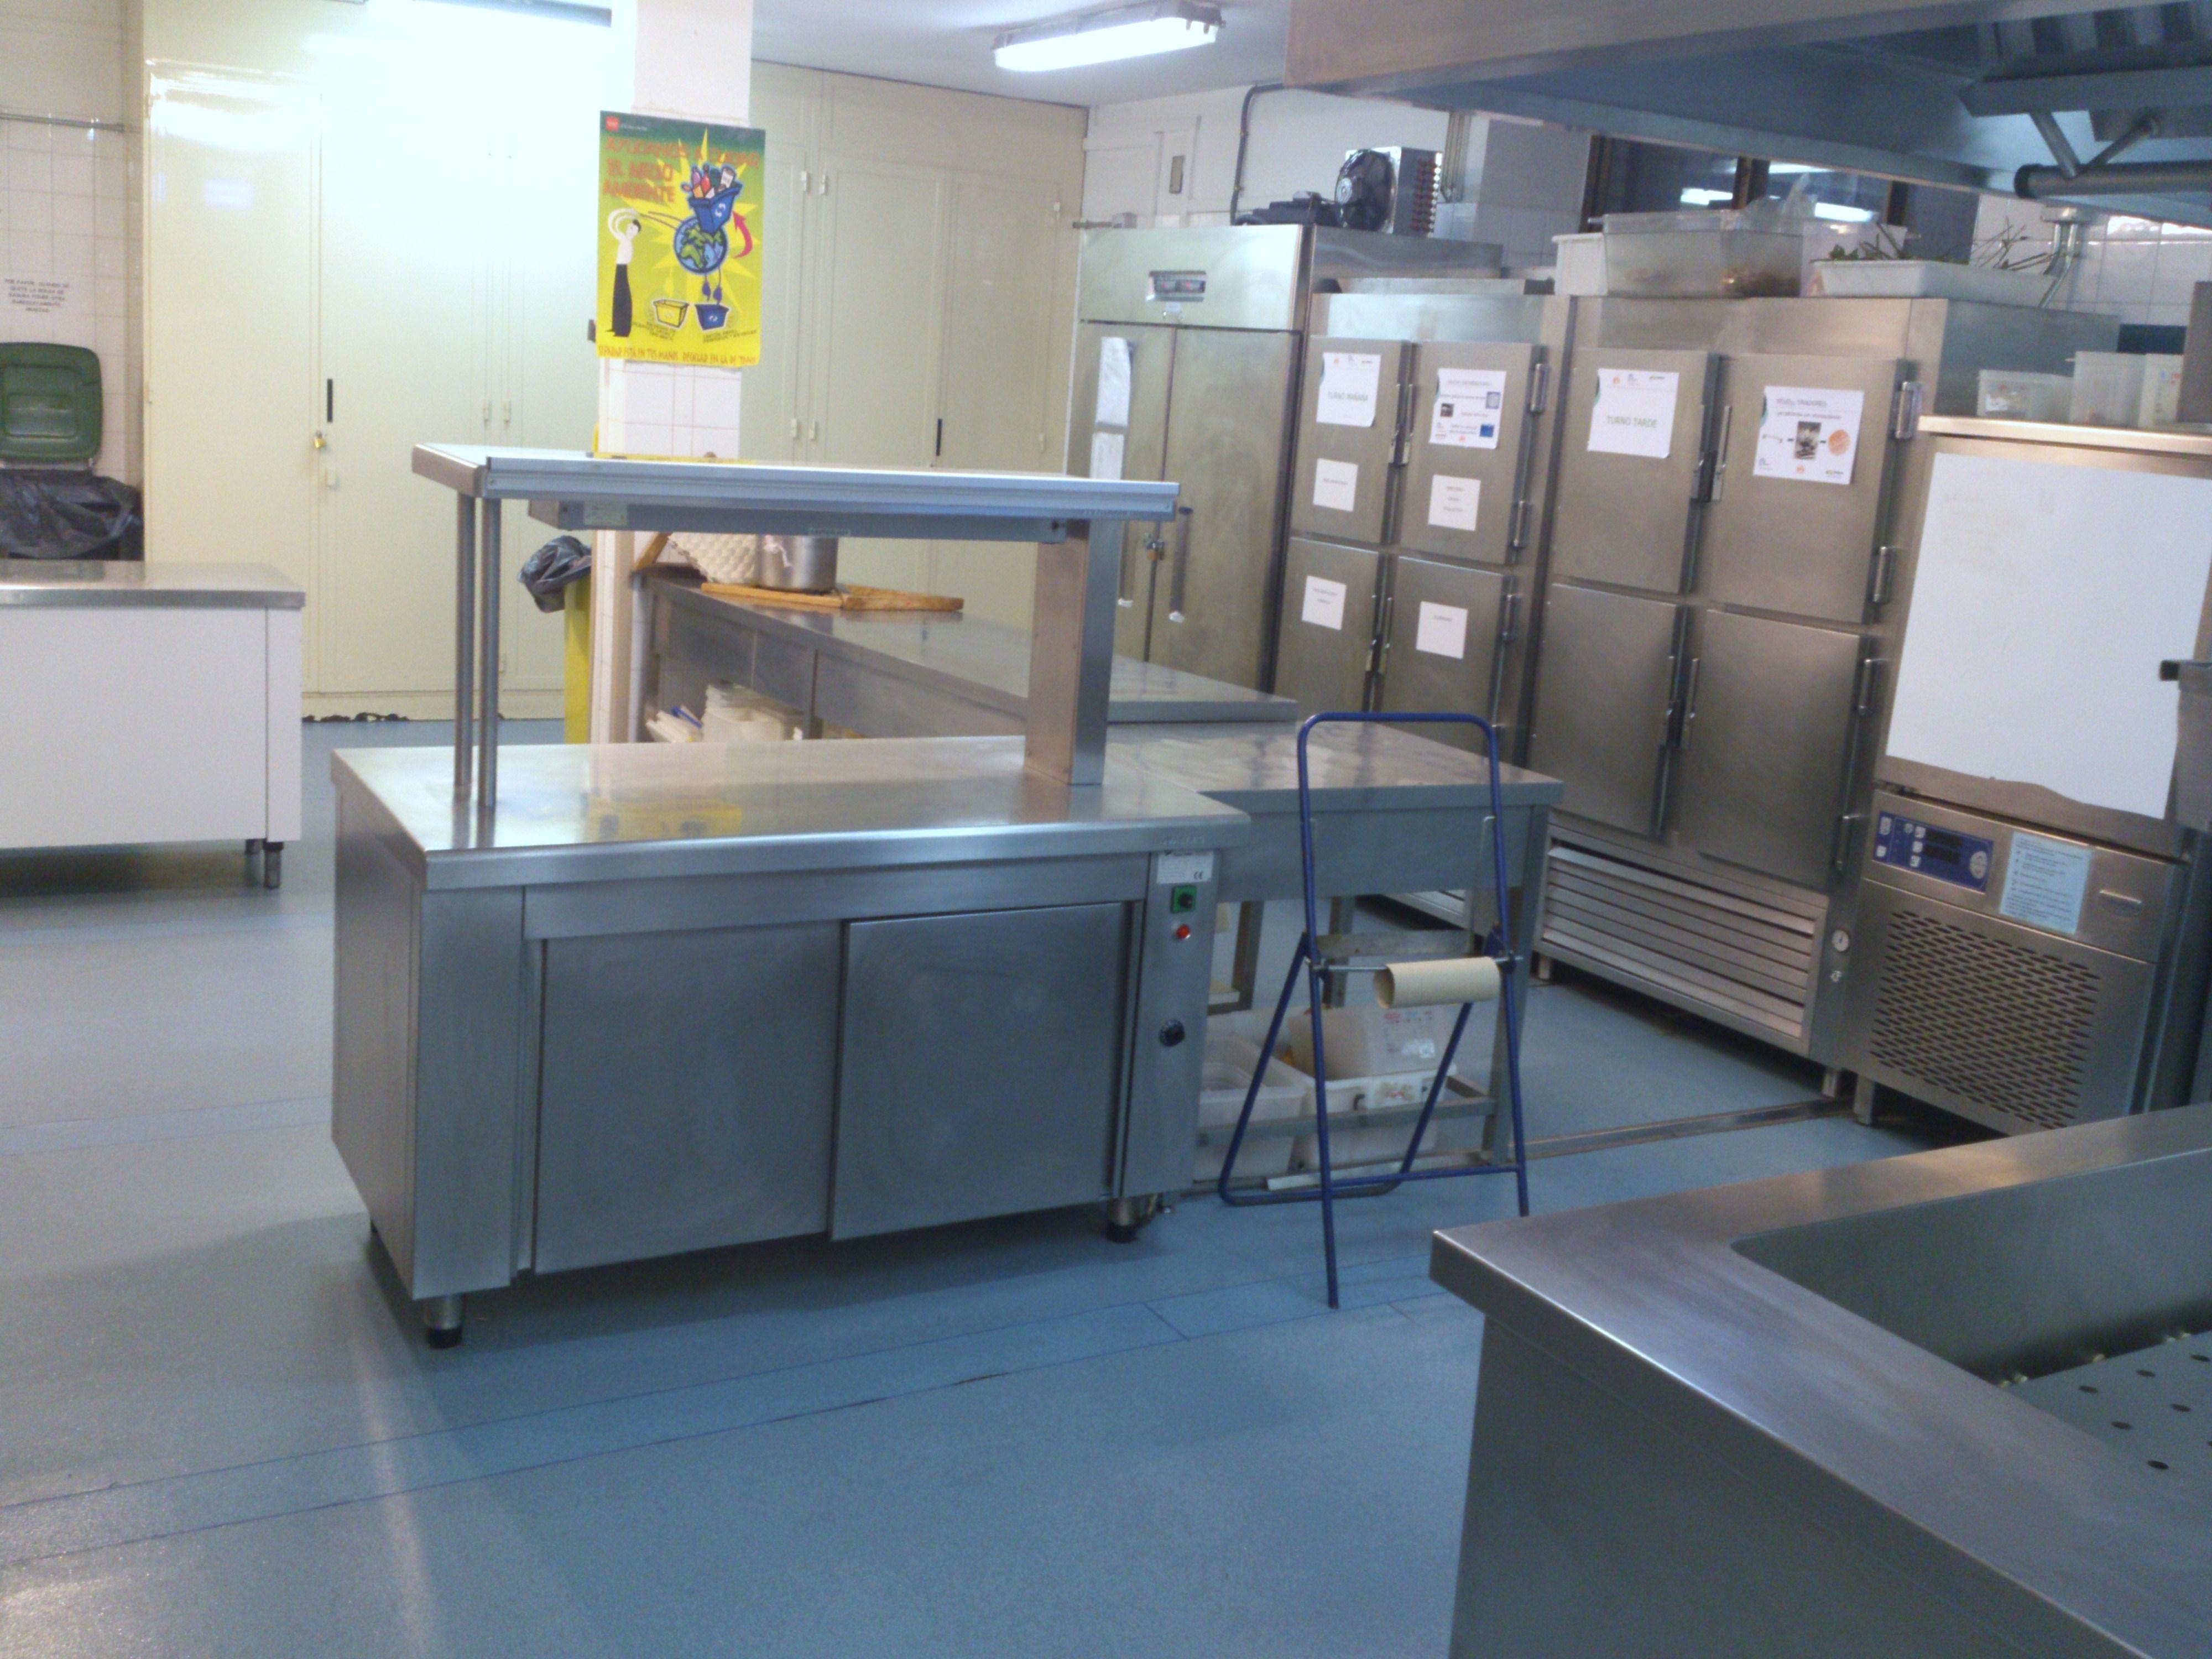 Cocina de 1 hotel escuela de la comunidad de madrid - Cuarto frio cocina ...